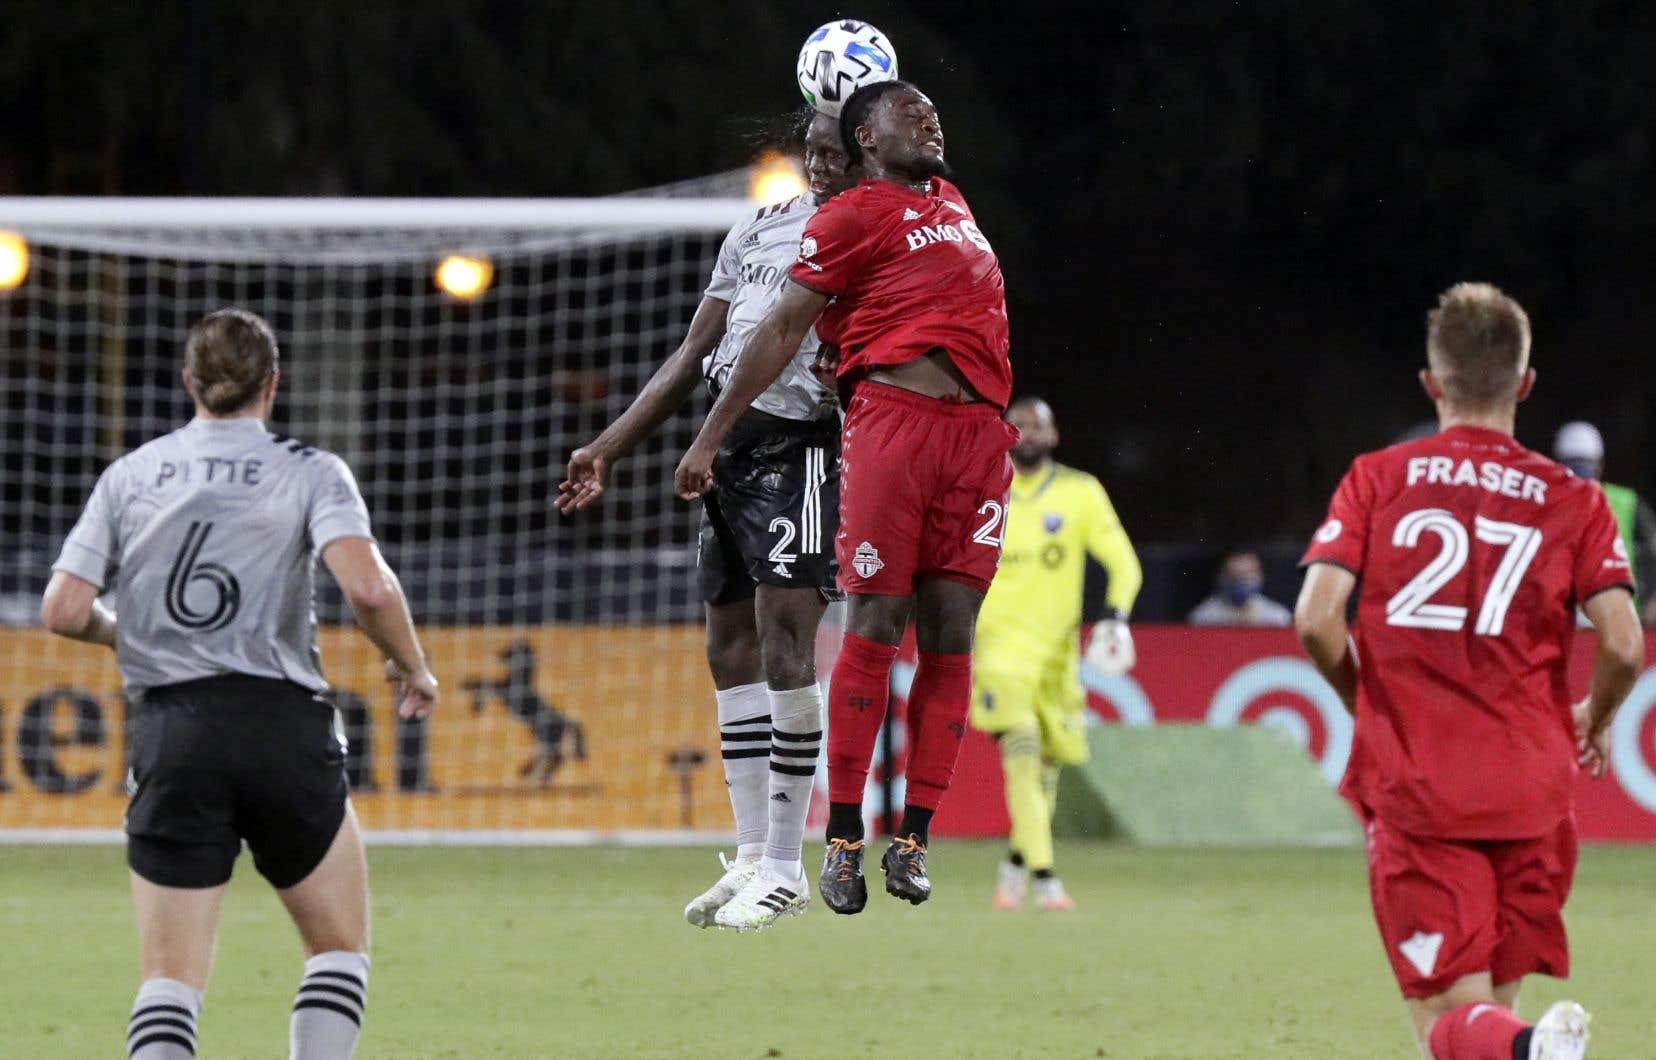 La grande vedette du match a été l'attaquant du Toronto FC Ayo Akinola (20), auteur des trois derniers buts.